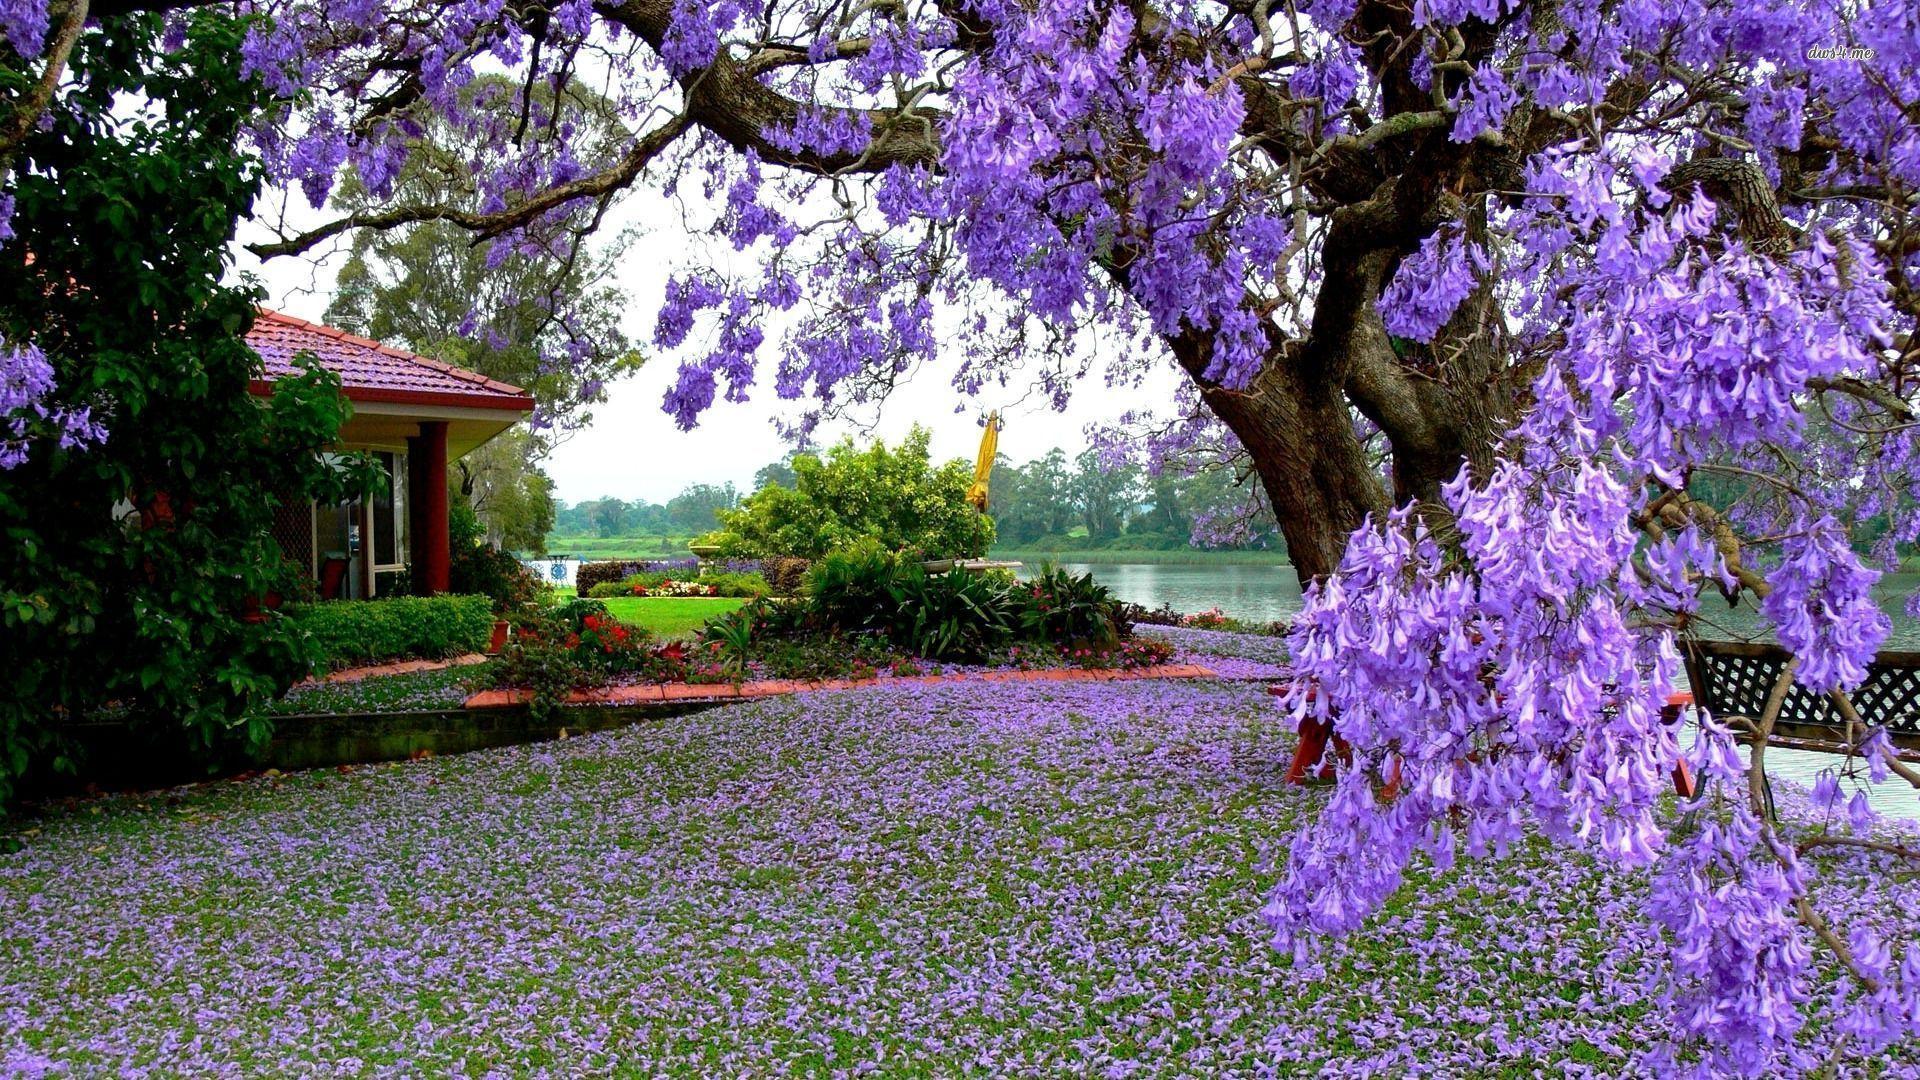 Flower Garden Wallpapers Top Free Flower Garden Backgrounds Wallpaperaccess